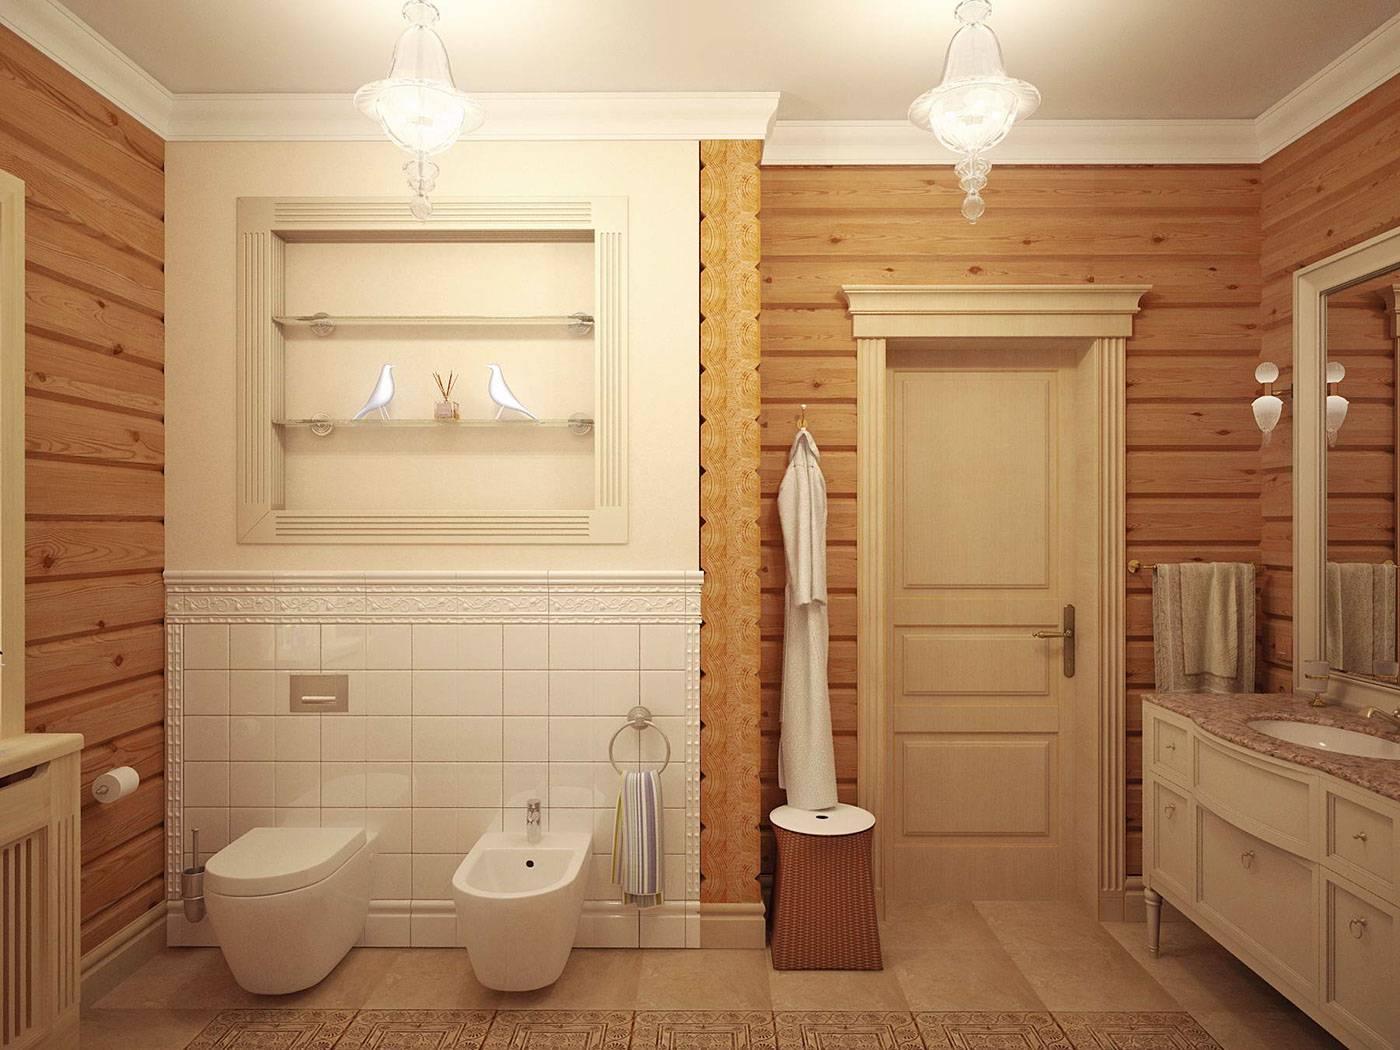 Ванная в деревянном доме - основные требования, подборка вариантов с фото дизайном – ремонт своими руками на m-stone.ru